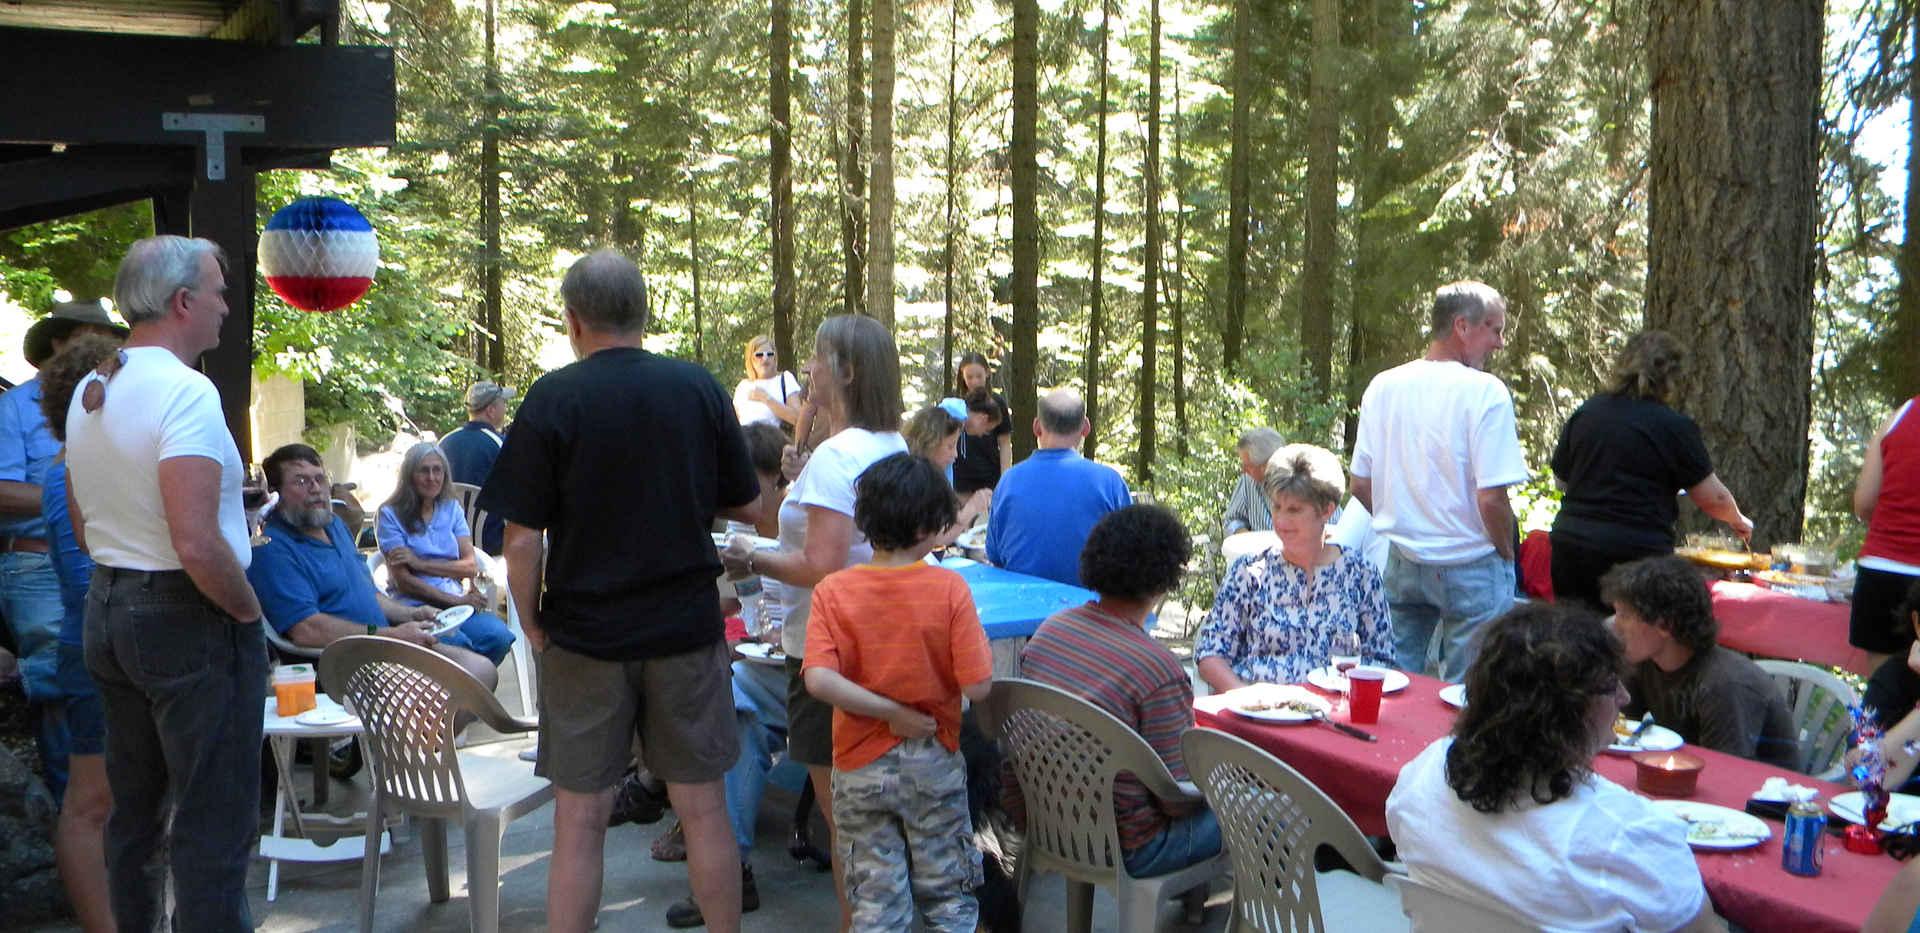 Sequoia Crest Triathlon - BBQ